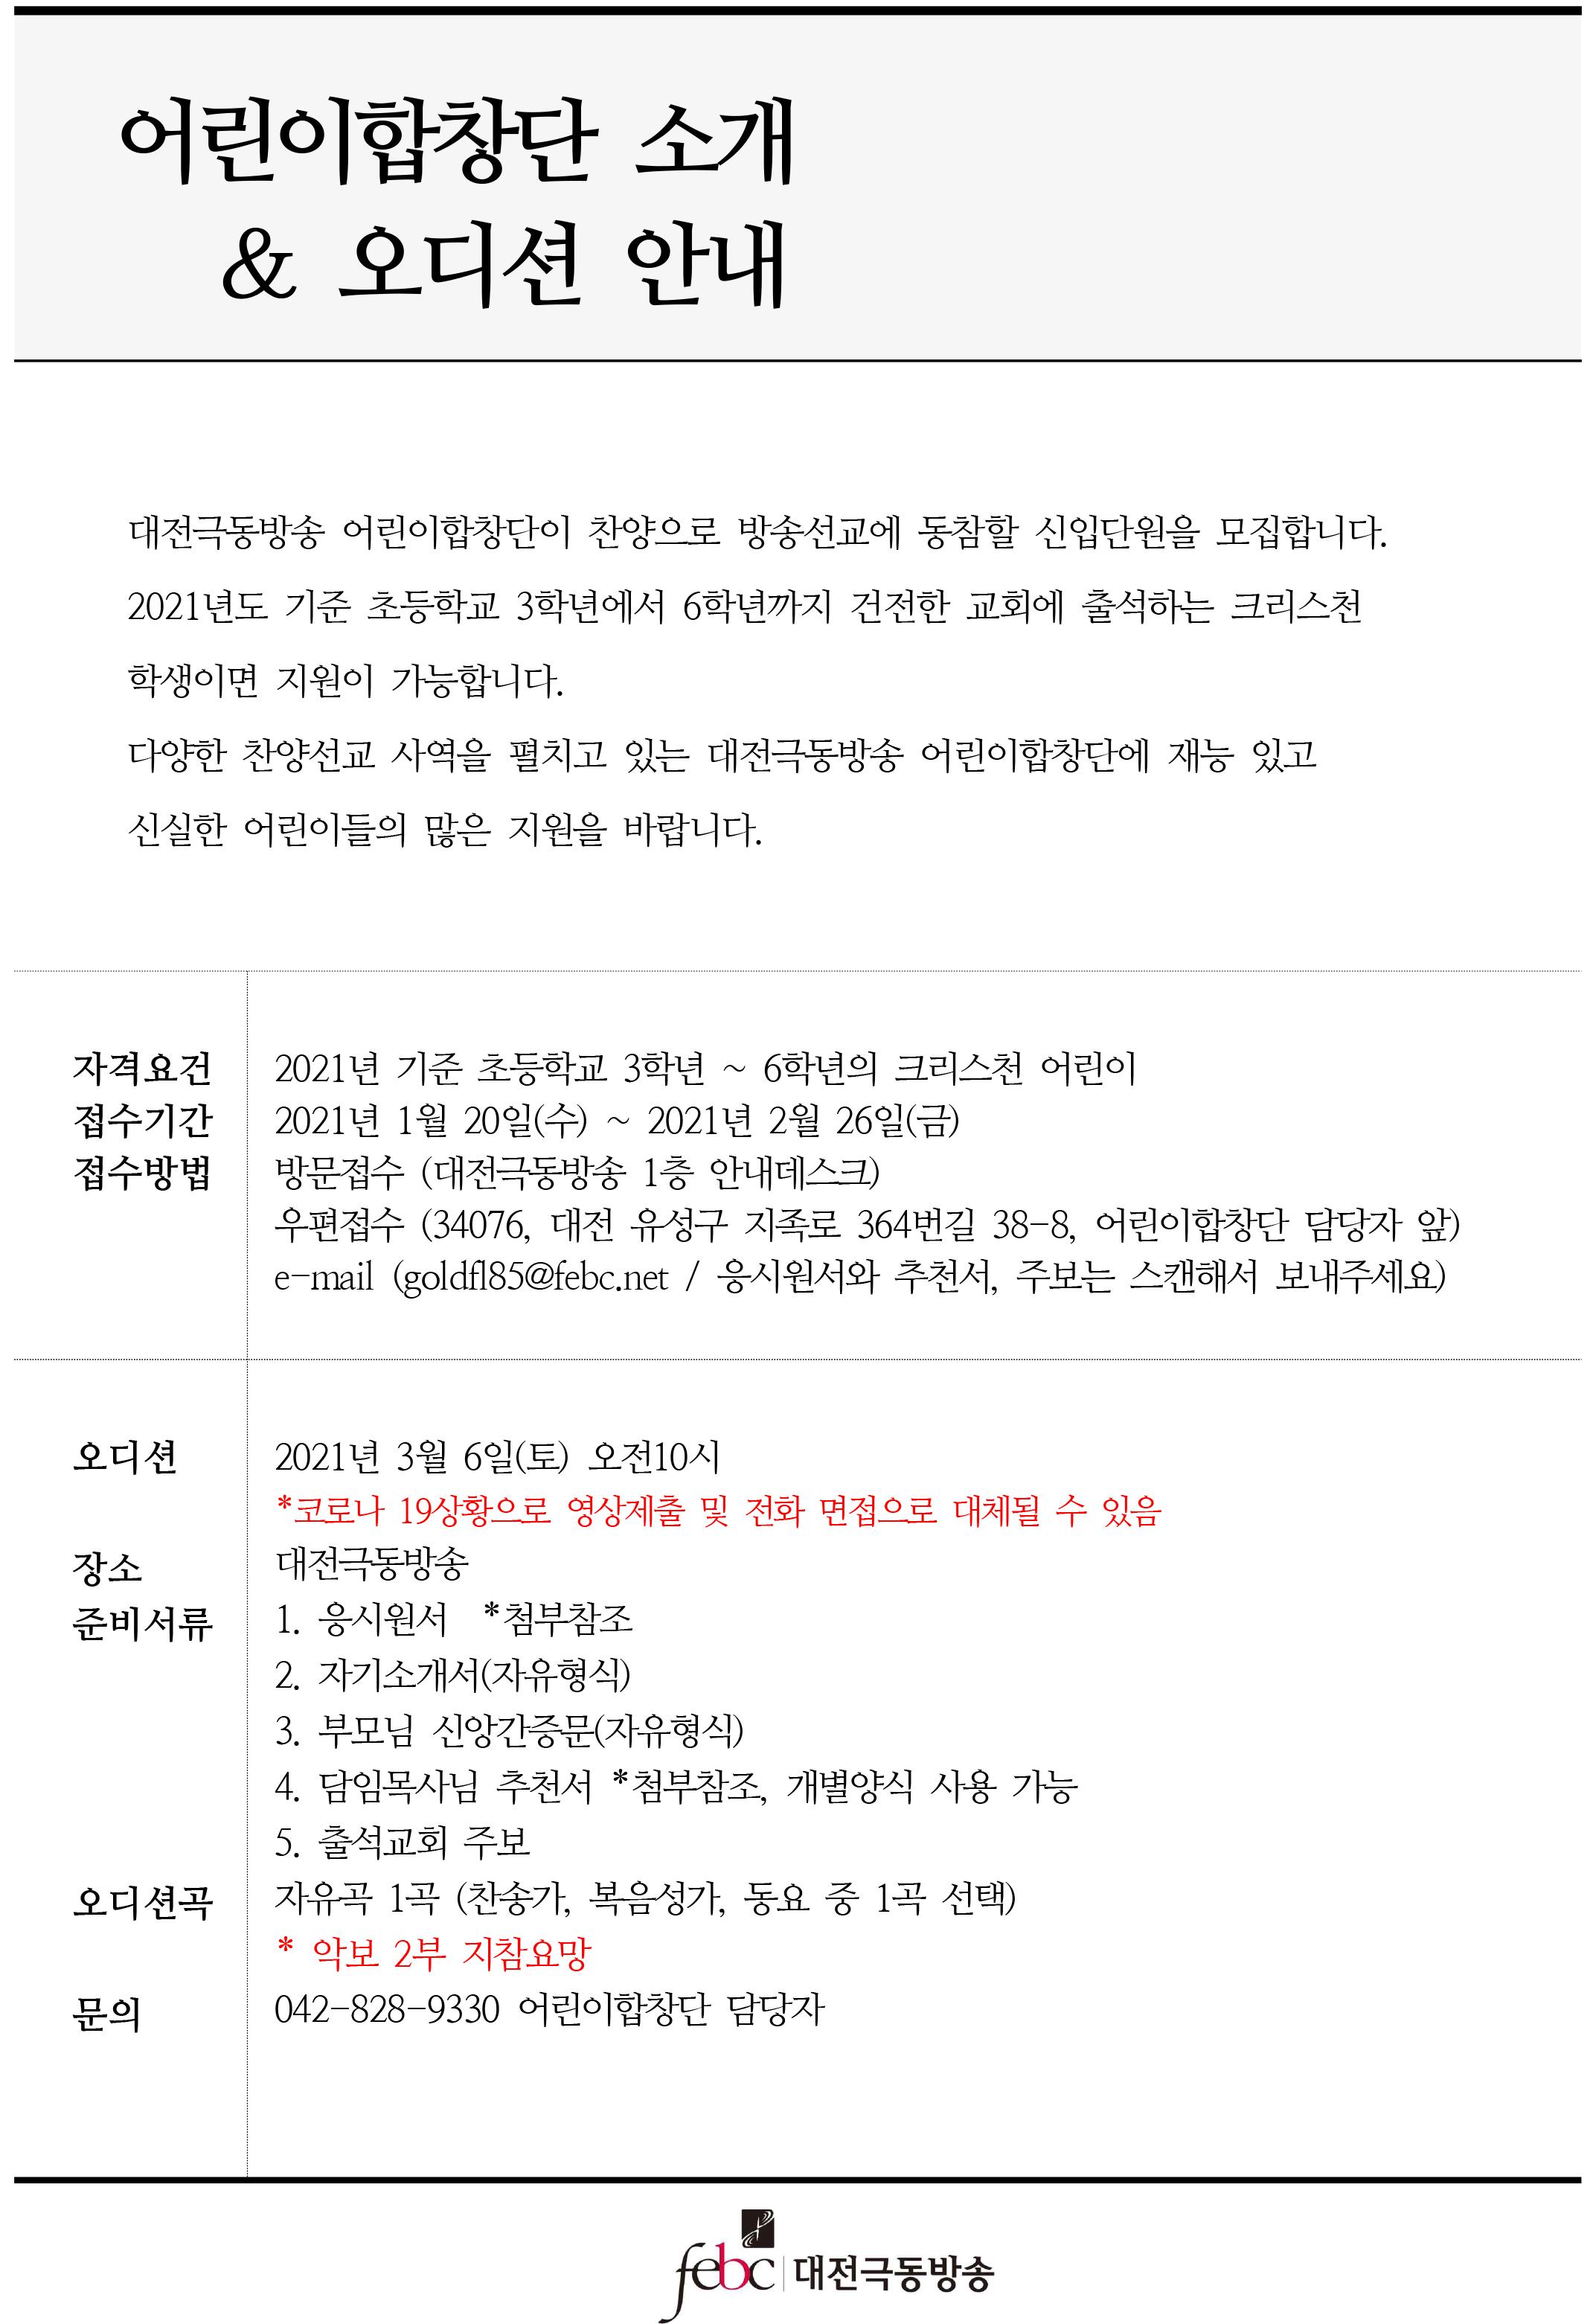 2021 신입단원모집오디션안내 및 응시원서_추천서-1.jpg